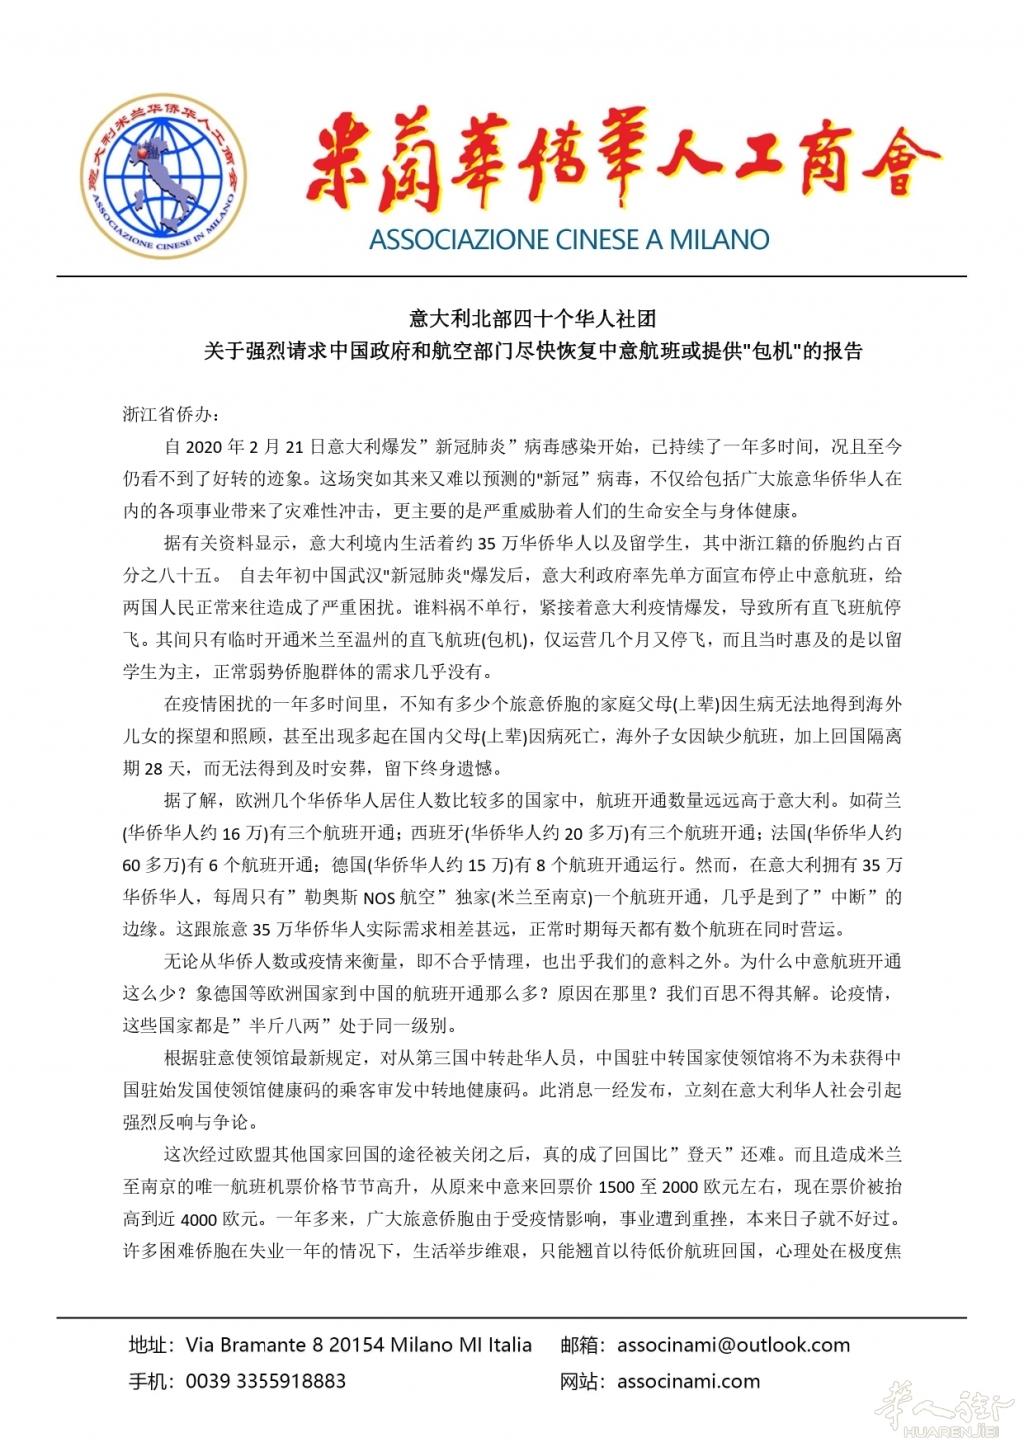 1_意大利北部四十个华人社团 关于强烈请求中国政府和航空部门尽快恢复中意航班或提供.jpg